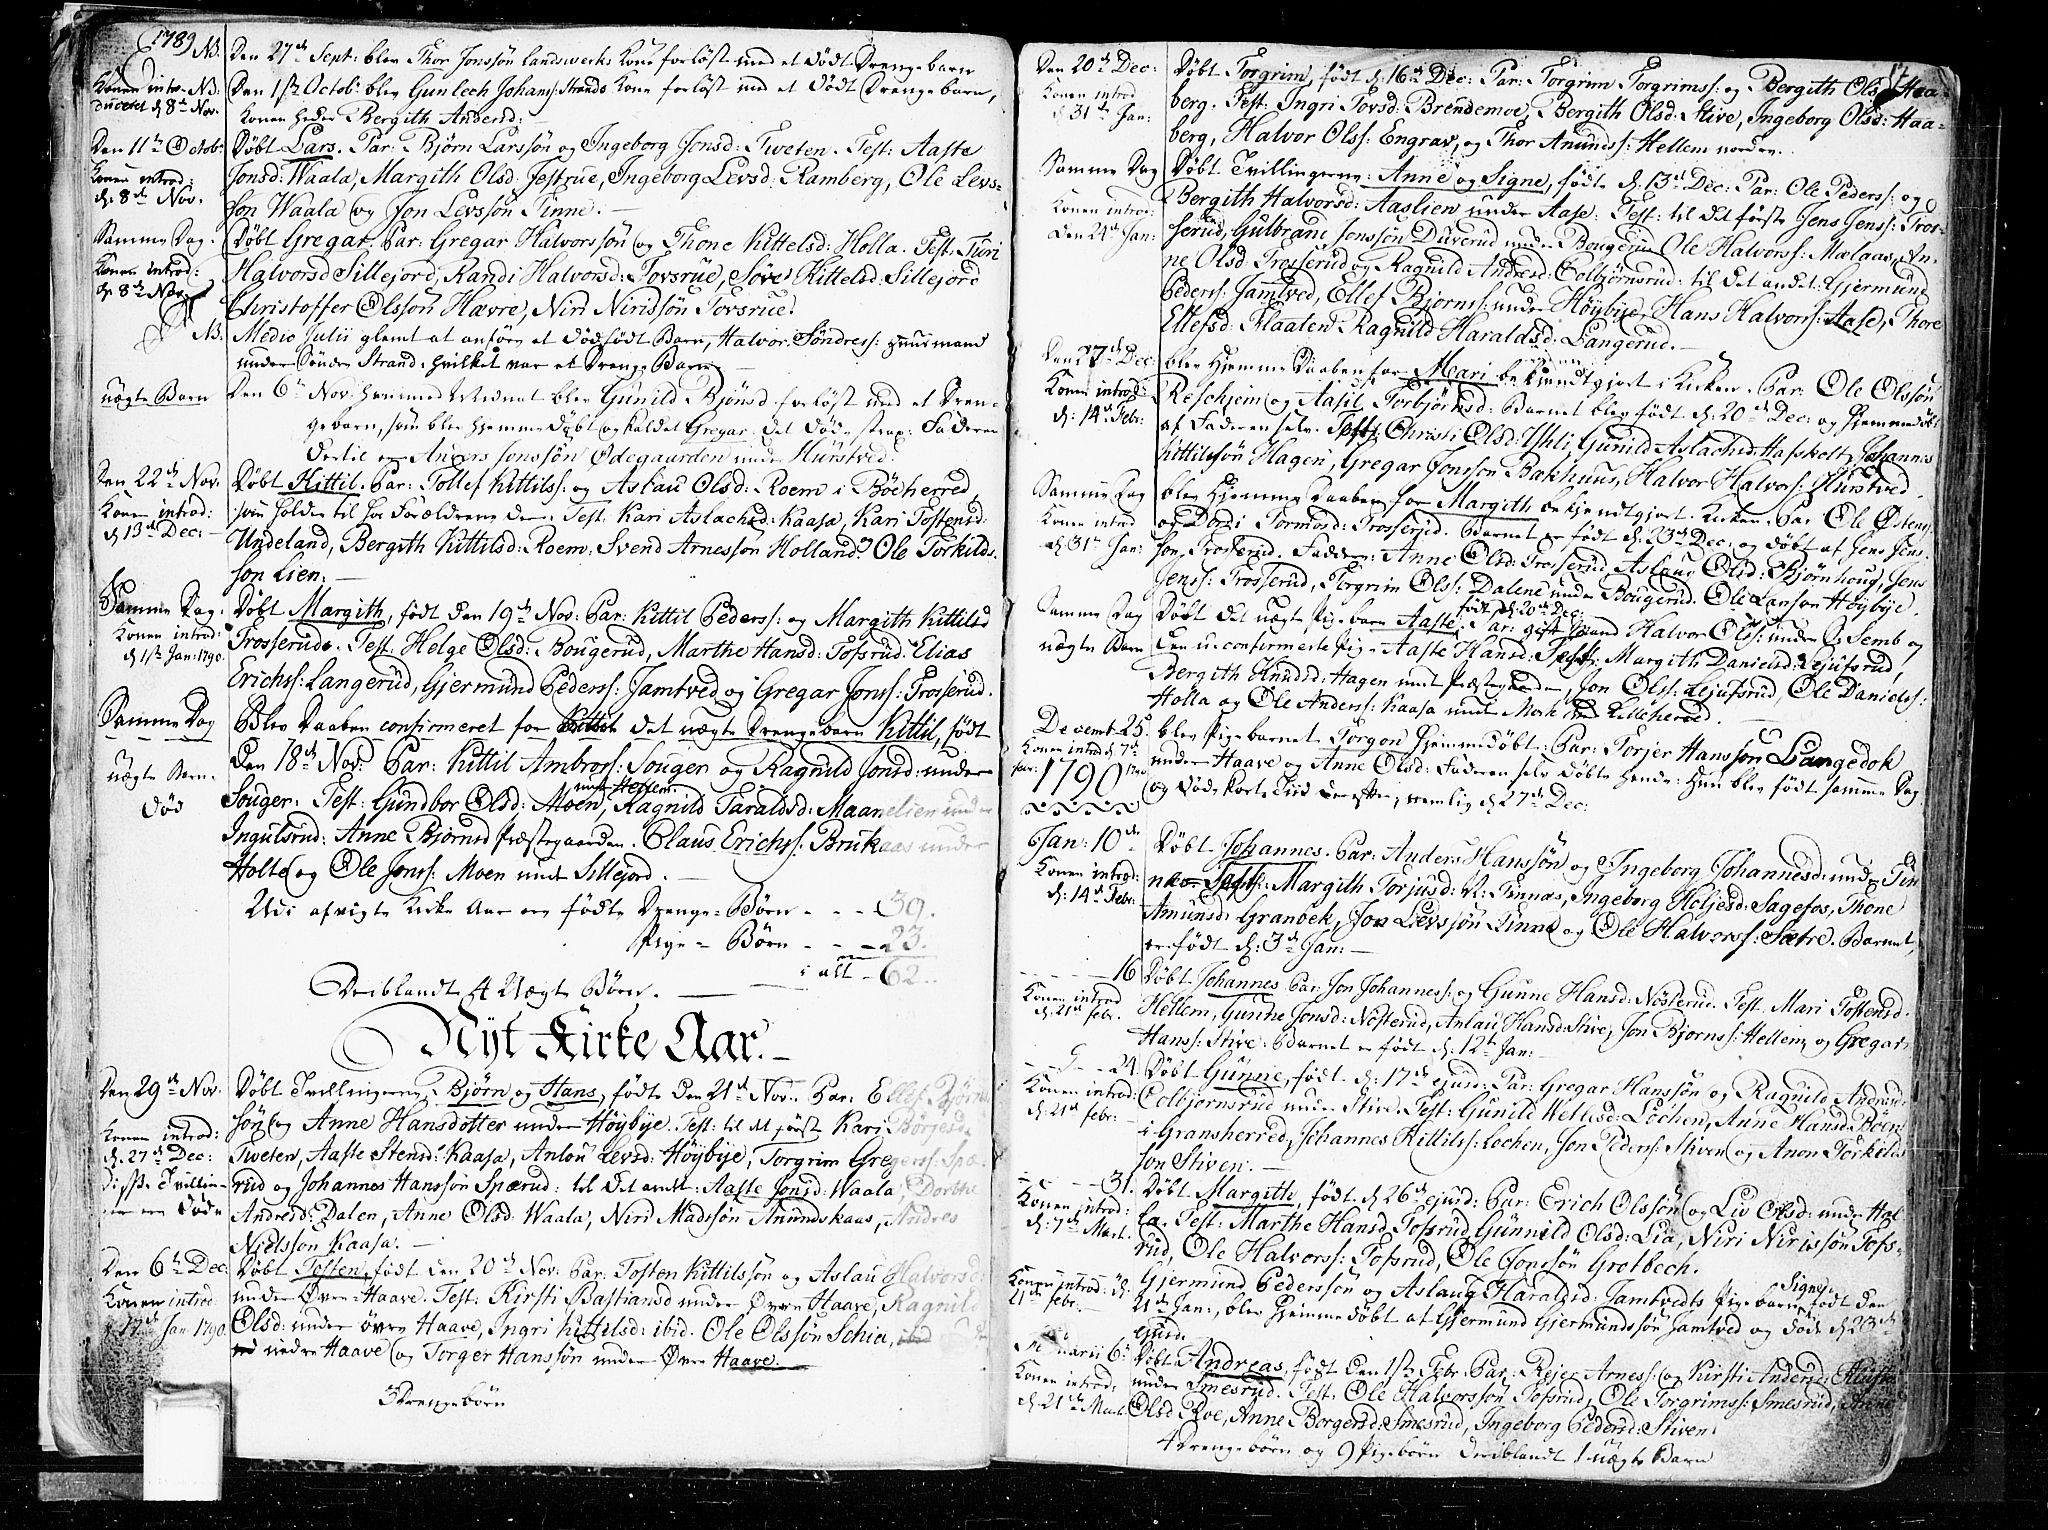 SAKO, Heddal kirkebøker, F/Fa/L0004: Ministerialbok nr. I 4, 1784-1814, s. 17